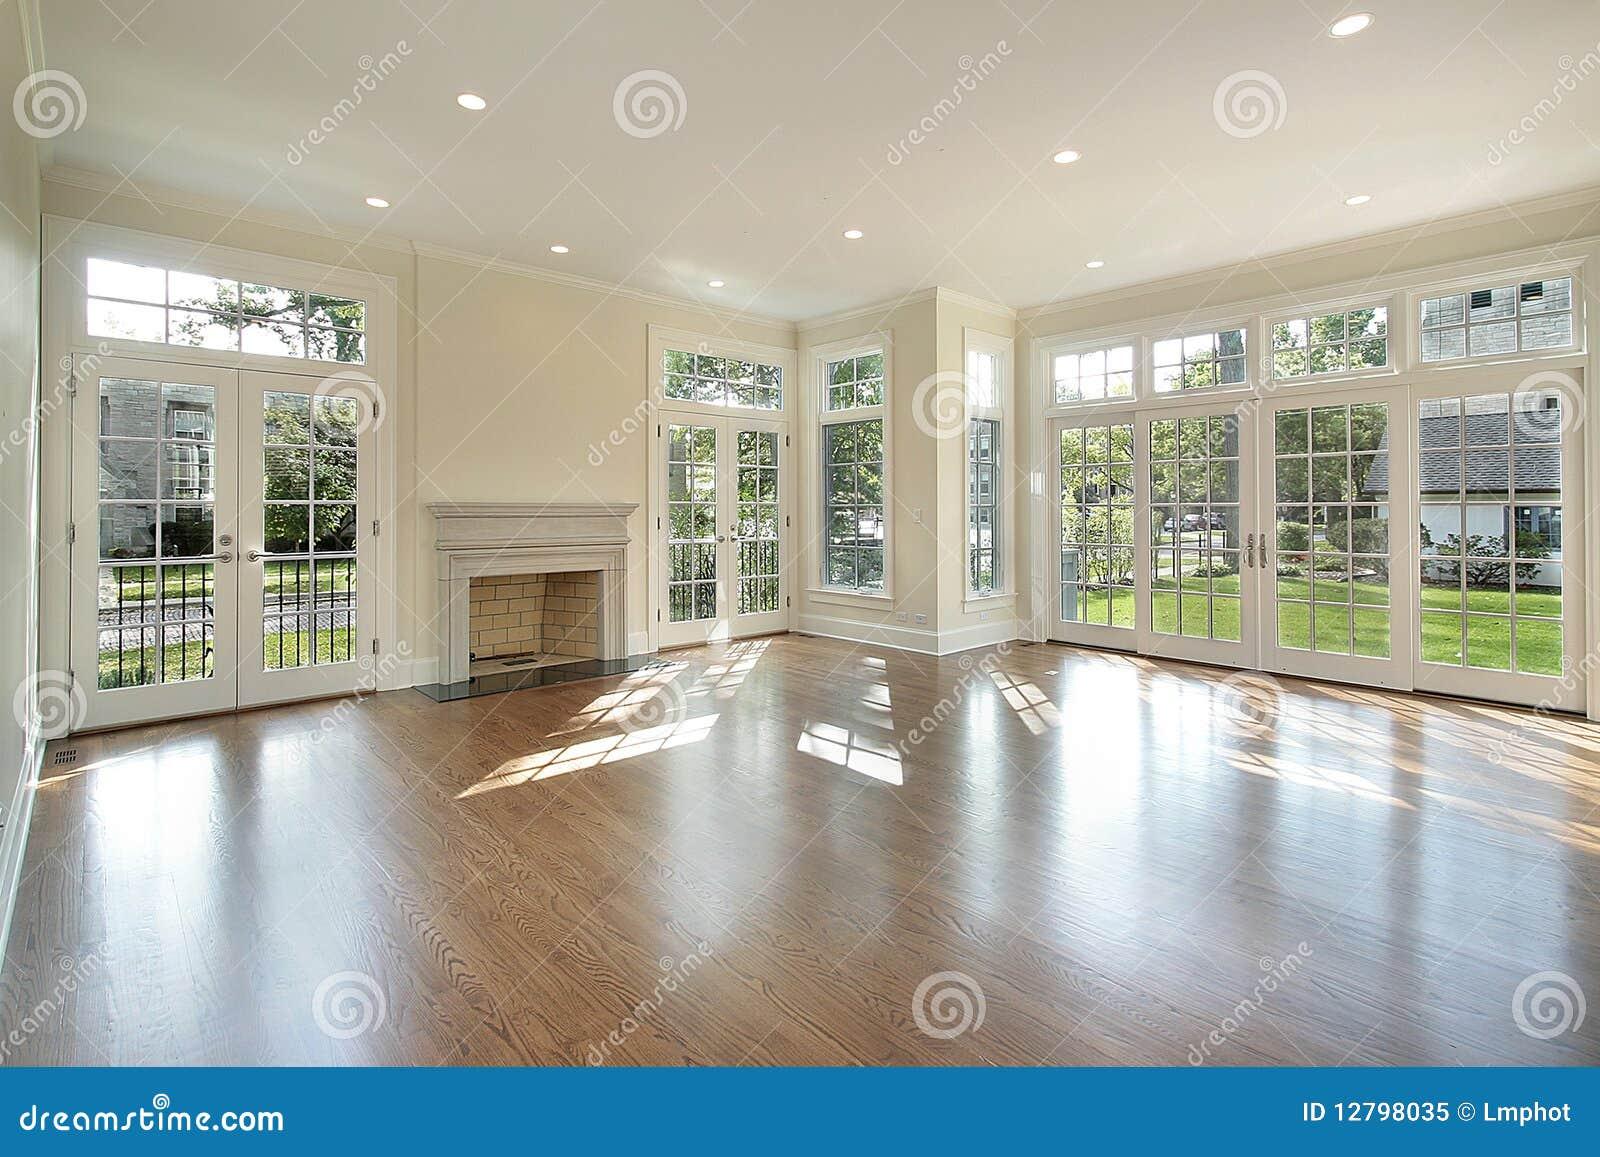 Wohnzimmer mit Wand der Fenster